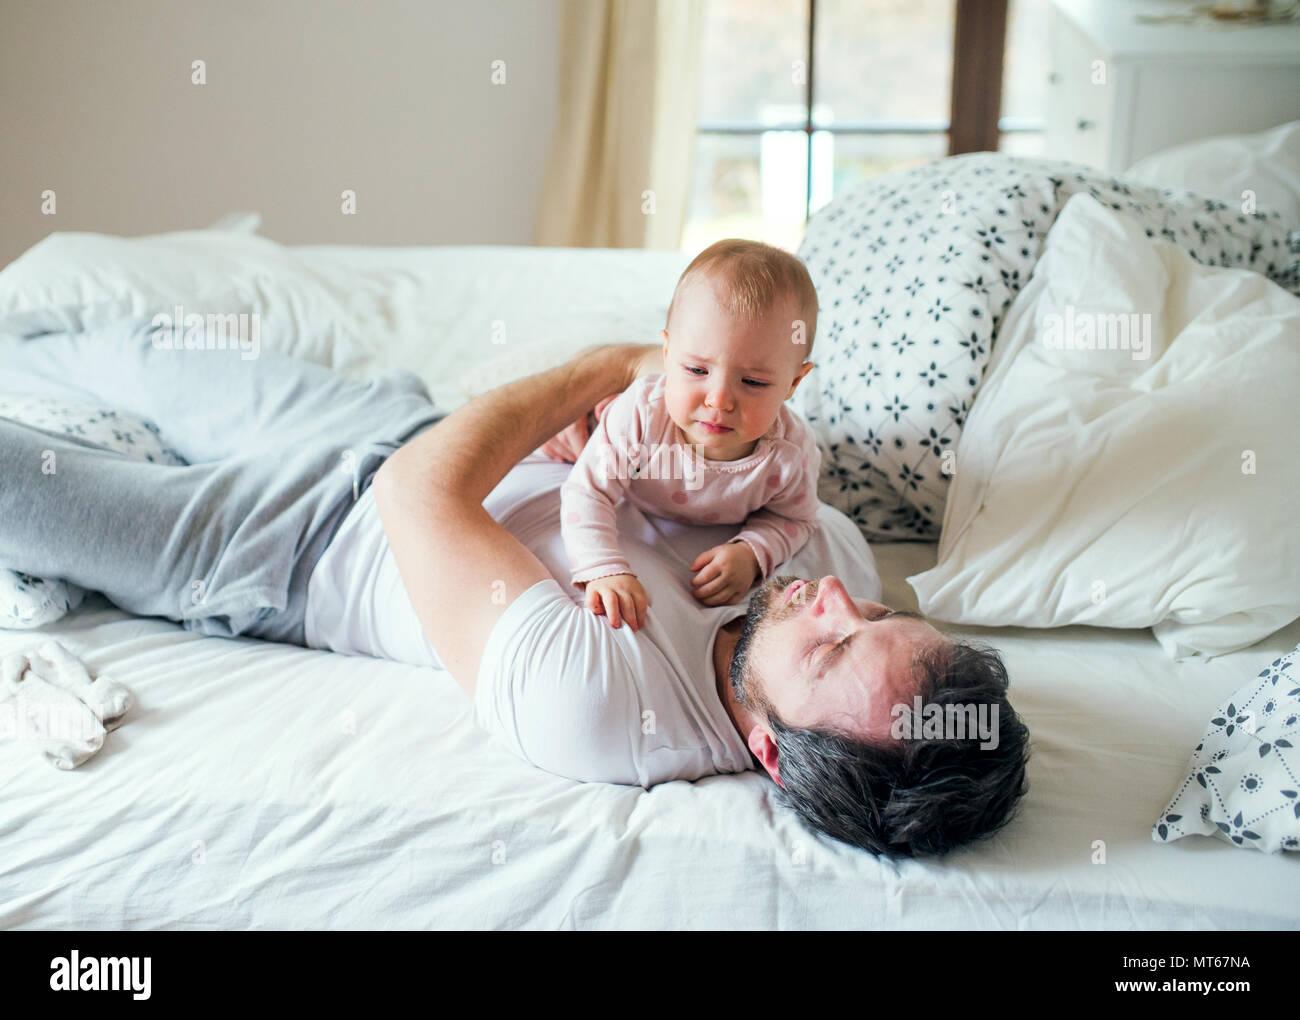 Vater mit einem Kleinkind Mädchen auf dem Bett zu Hause vor dem Schlafengehen. Stockfoto